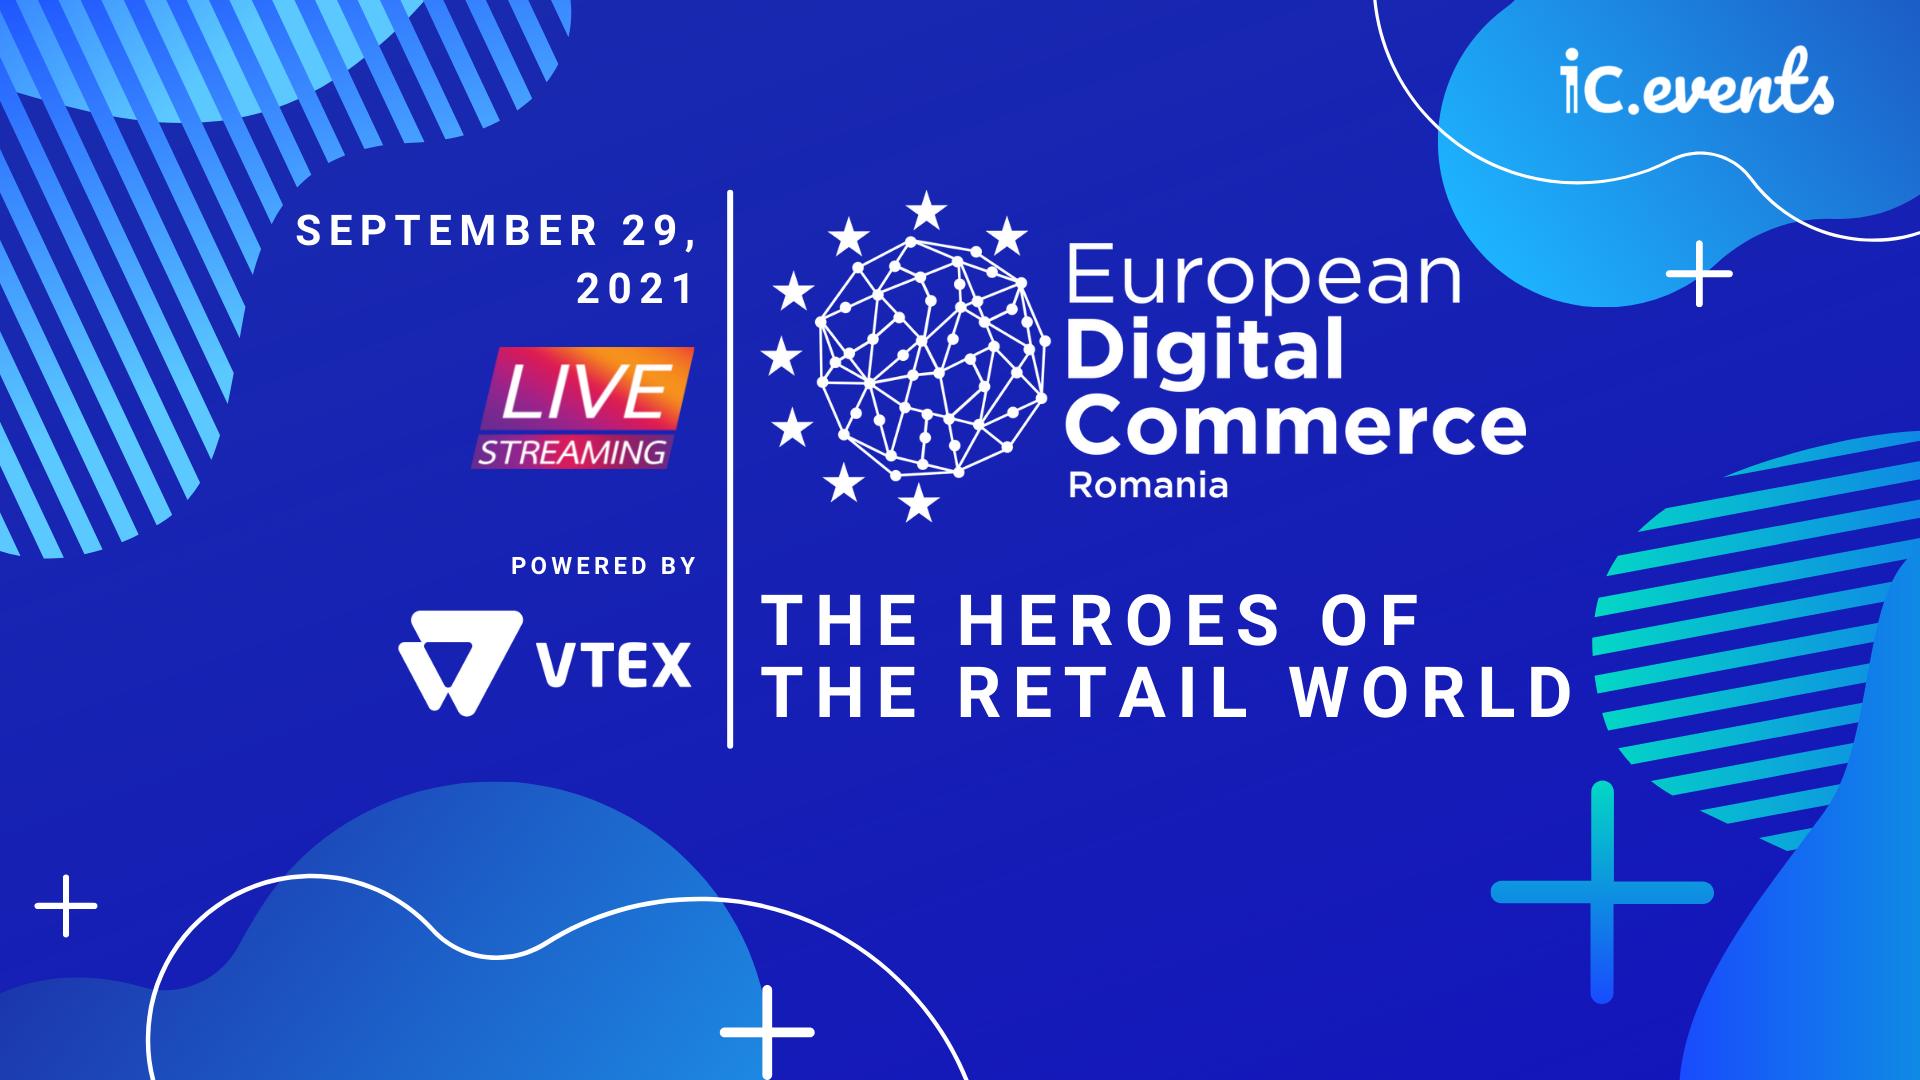 european digital ecommerce